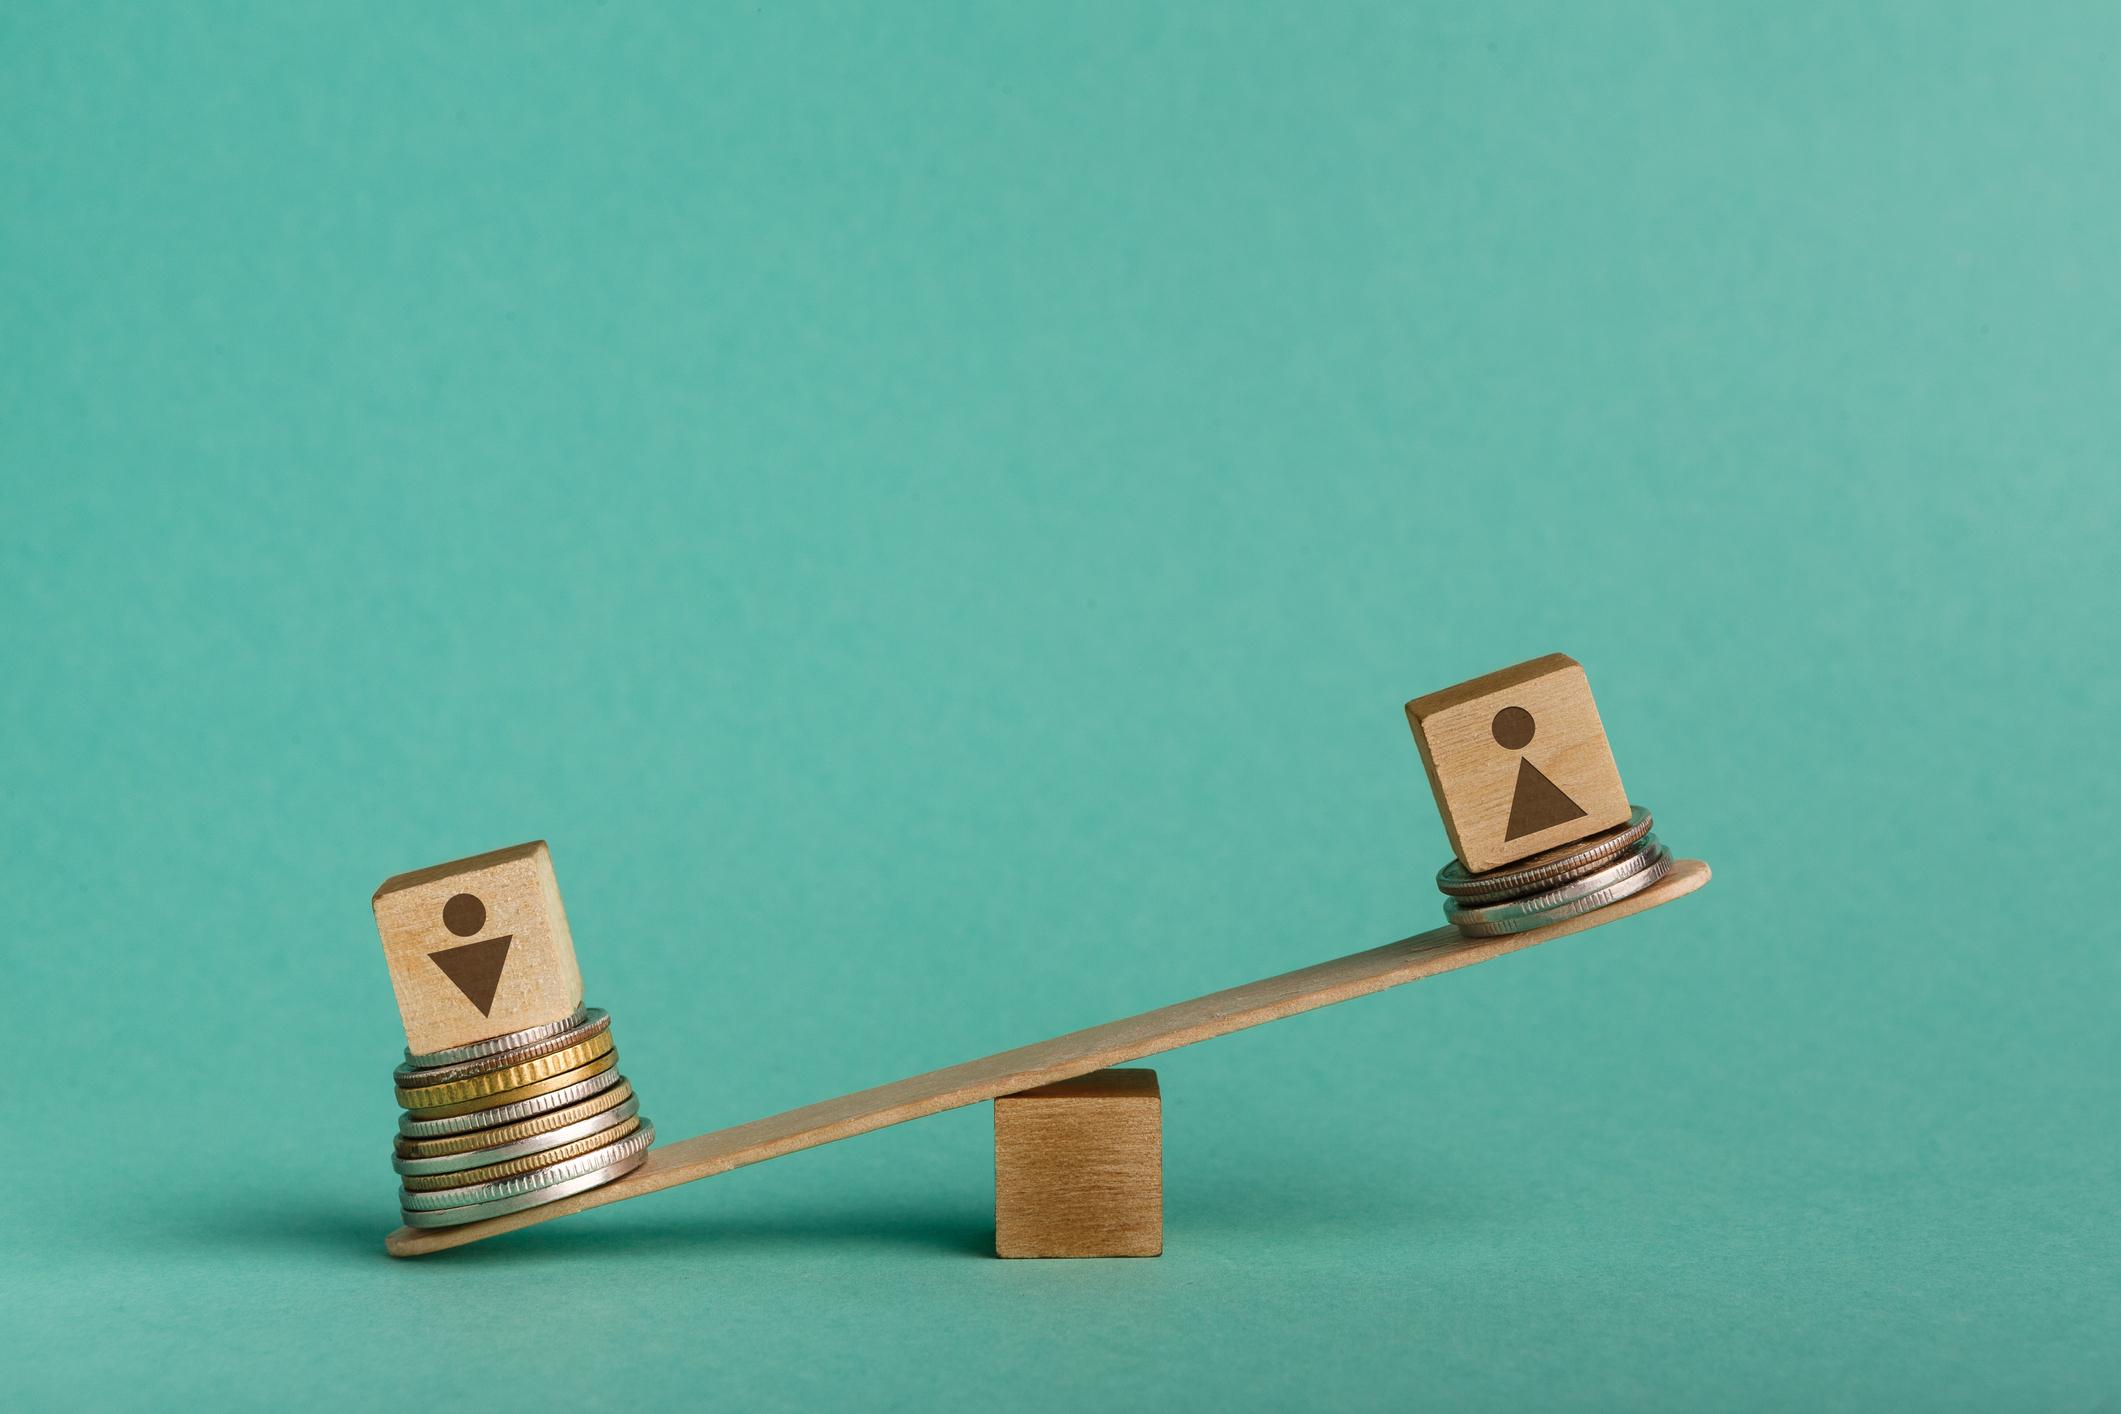 Libre competencia y desigualdad